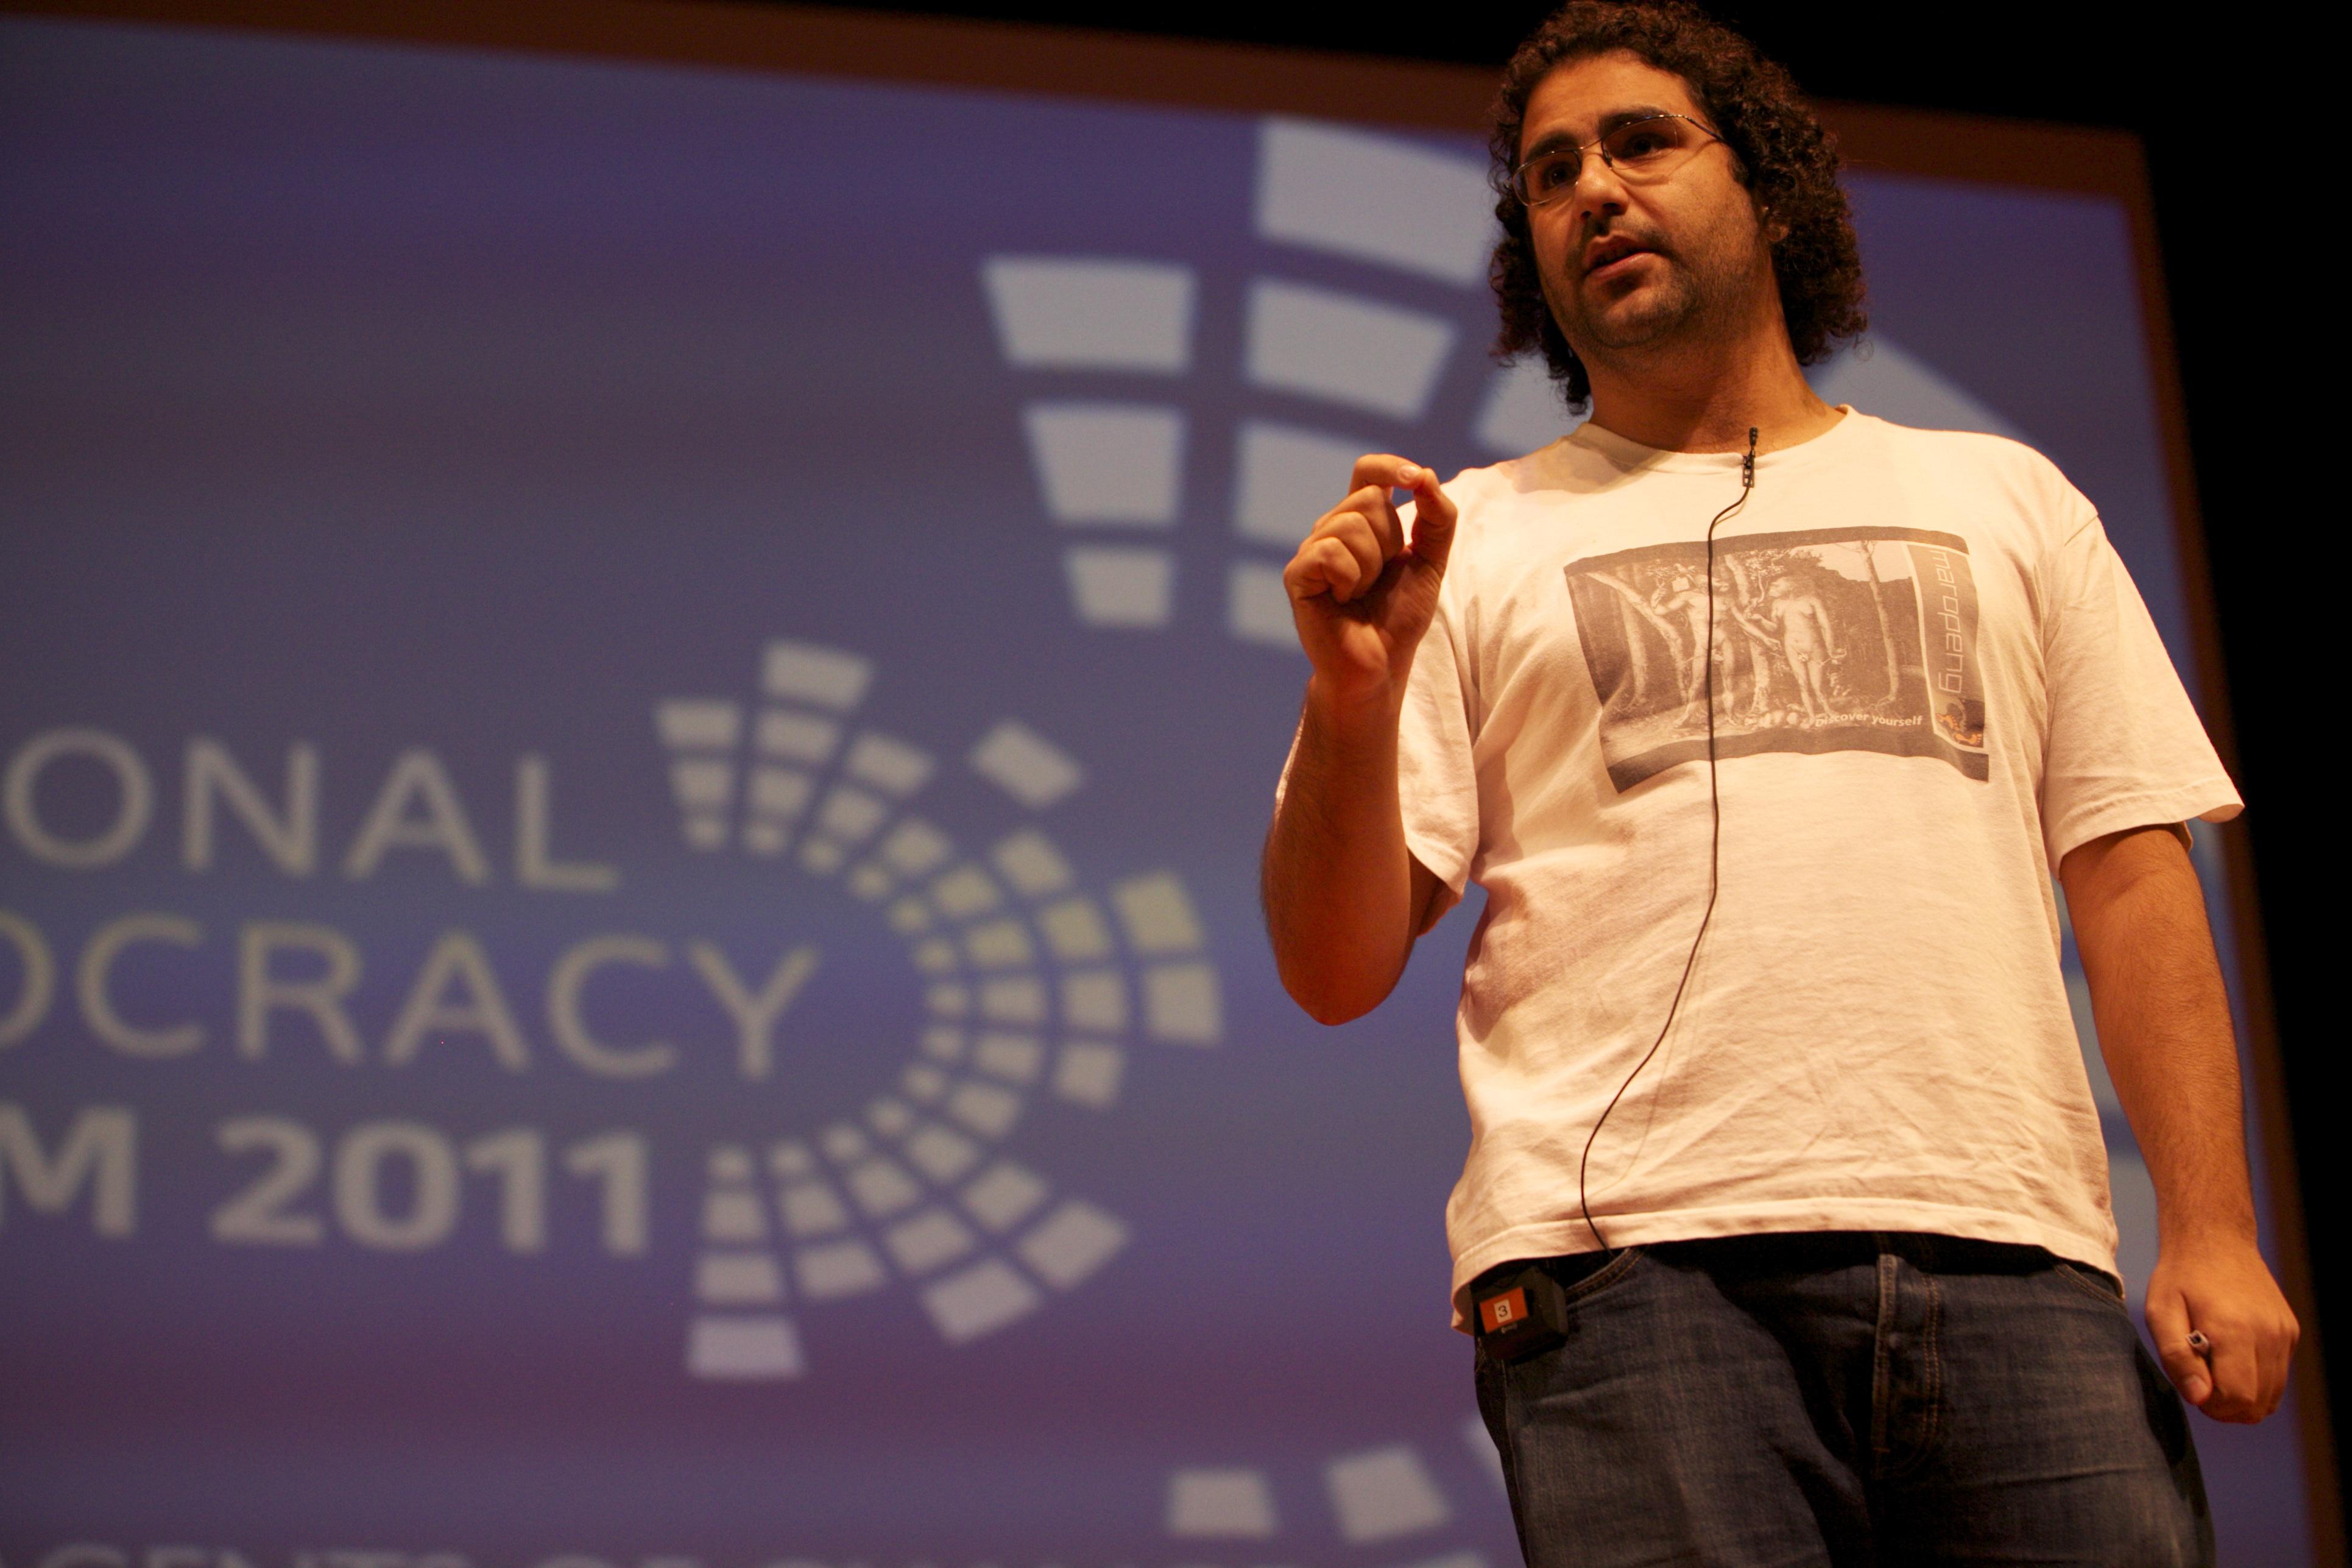 Alaa Abd El Fattah sur scène, devant le logo du Forum de la démocrate de 2011.